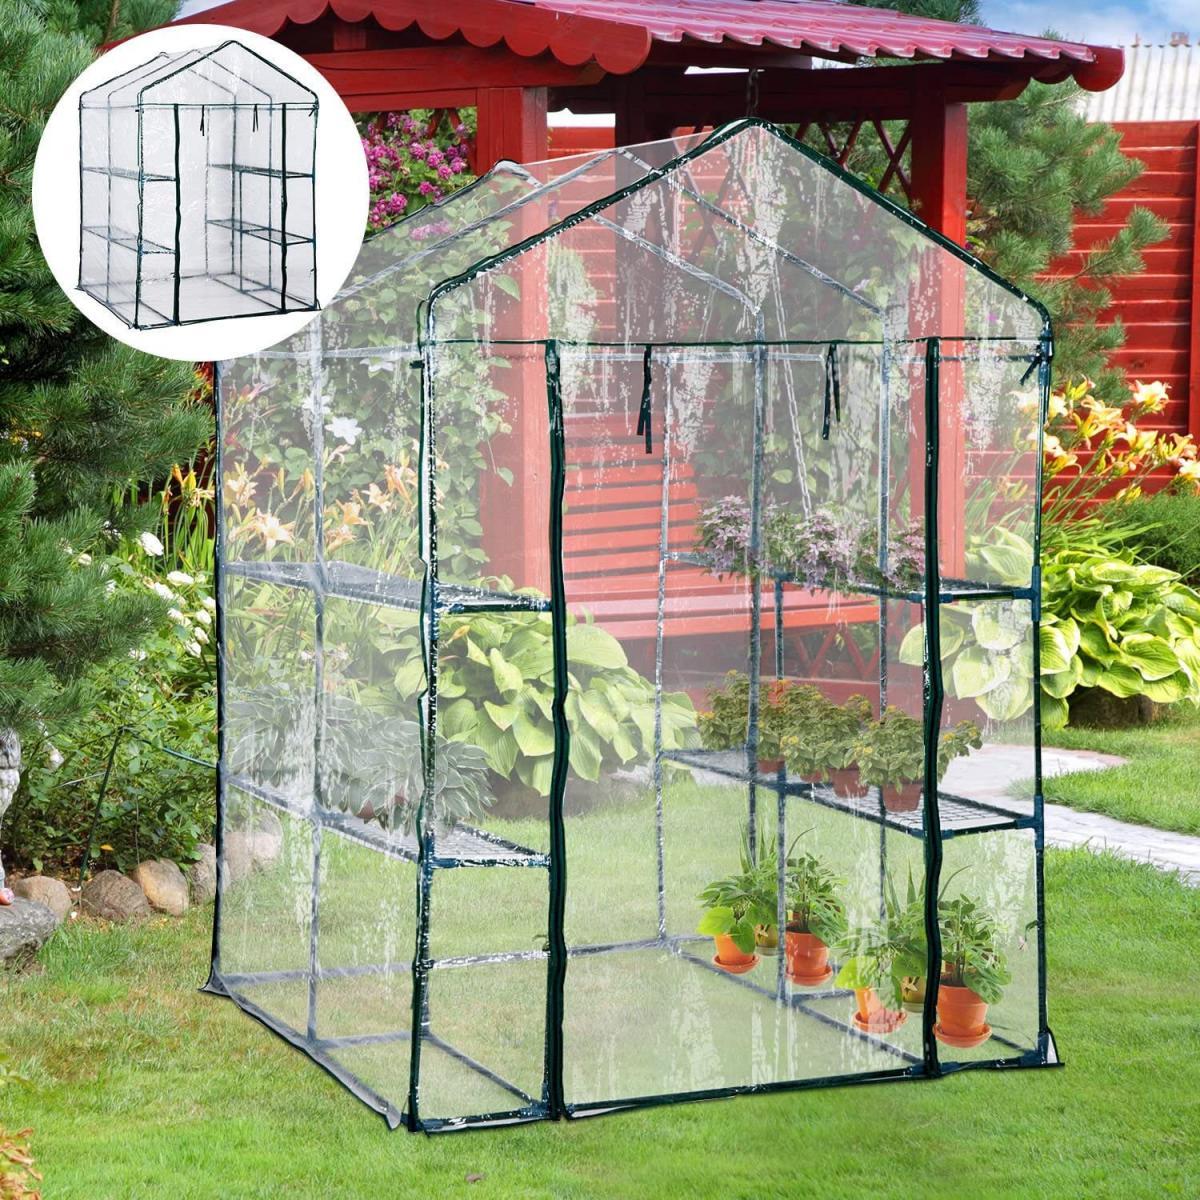 Protege tus plantas del frío en un invernadero